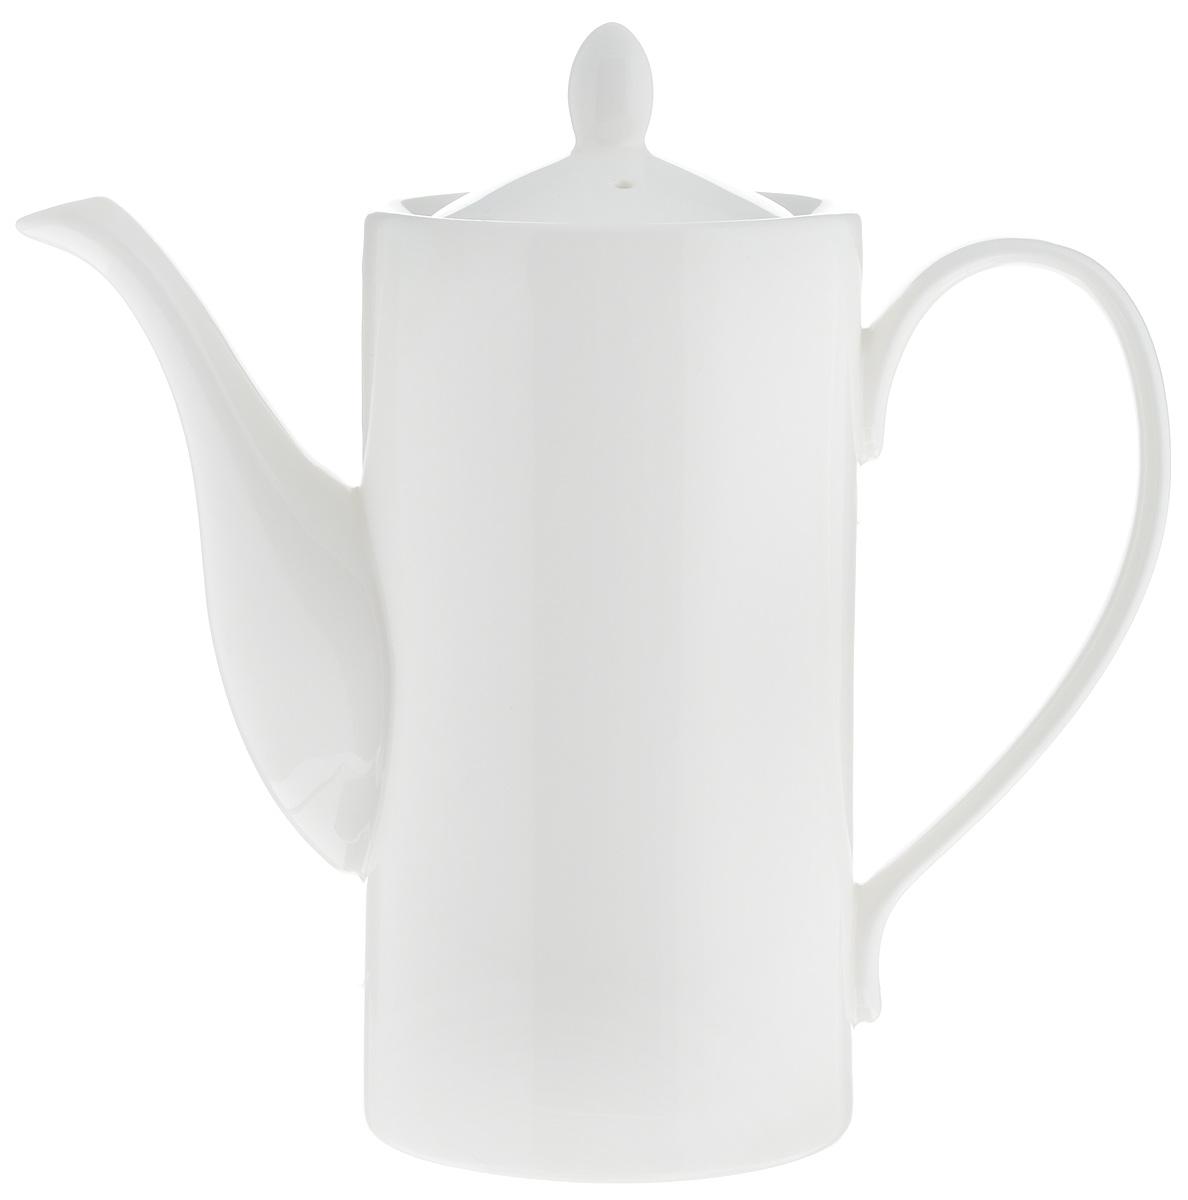 Кофейник Wilmax, 650 млWL-994008 / 1CКофейник Wilmax изготовлен из высококачественного фарфора, покрытого двойным слоем глазировки. Отличается особой износостойкостью и устойчивостью к ударам и сколам. А белый с оттенком слоновой кости цвет будет эффектно смотреться на вашем столе. Диаметр кофейника (по верхнему краю): 8 см. Высота чайника (без учета крышки): 15,5 см. Высота чайника (с учетом крышки): 18,5 см.